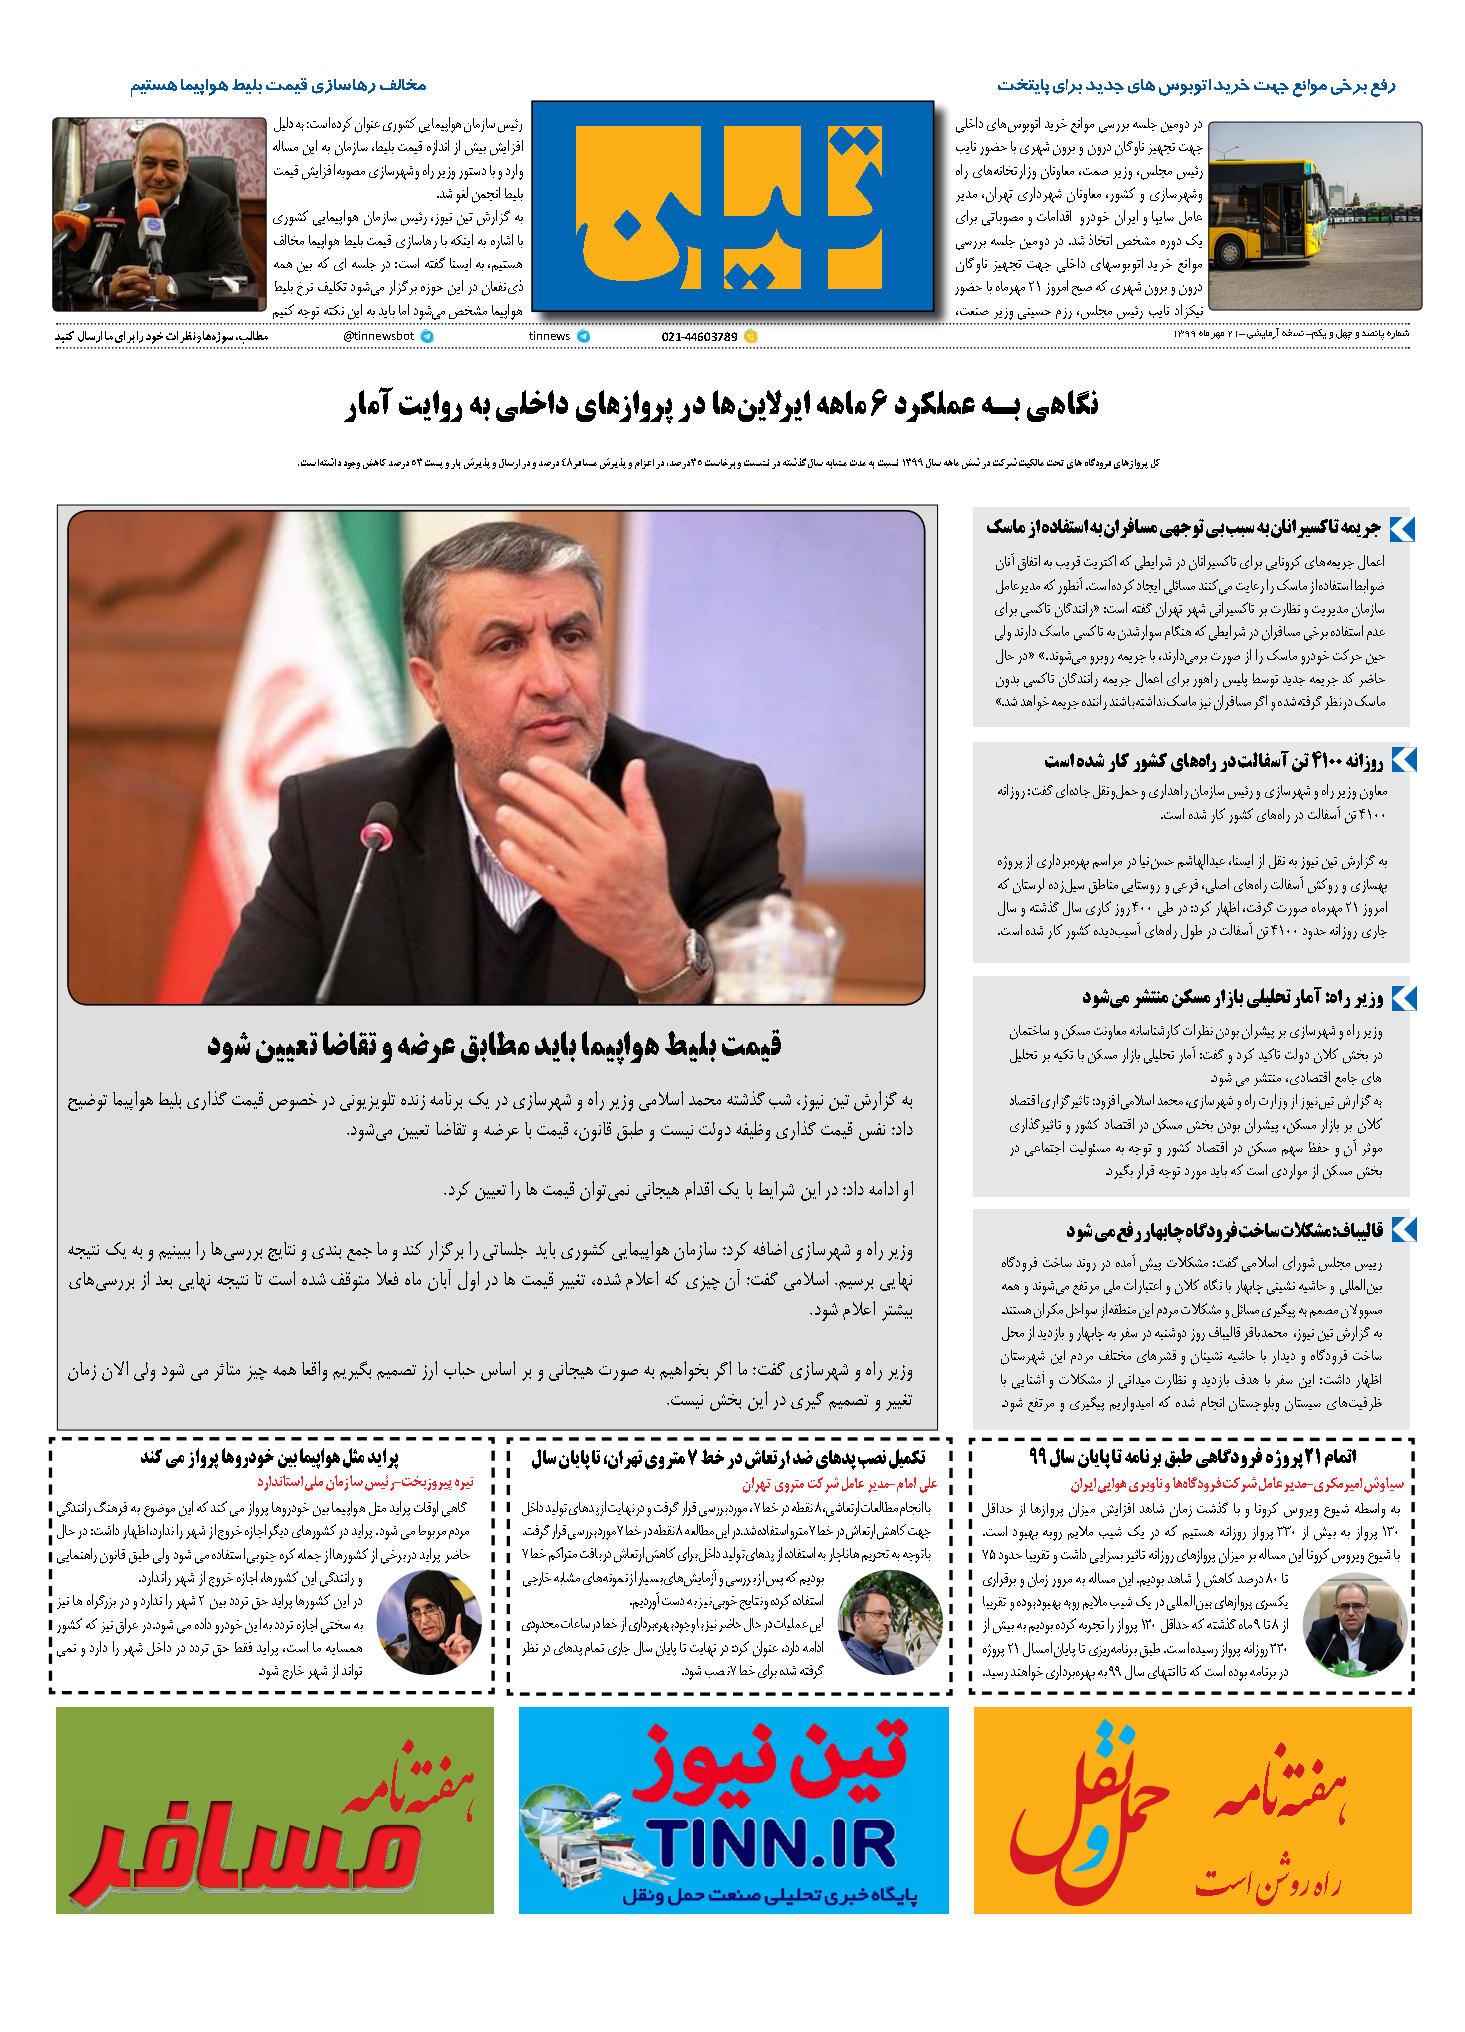 روزنامه الکترونیک 21 مهر ماه 99